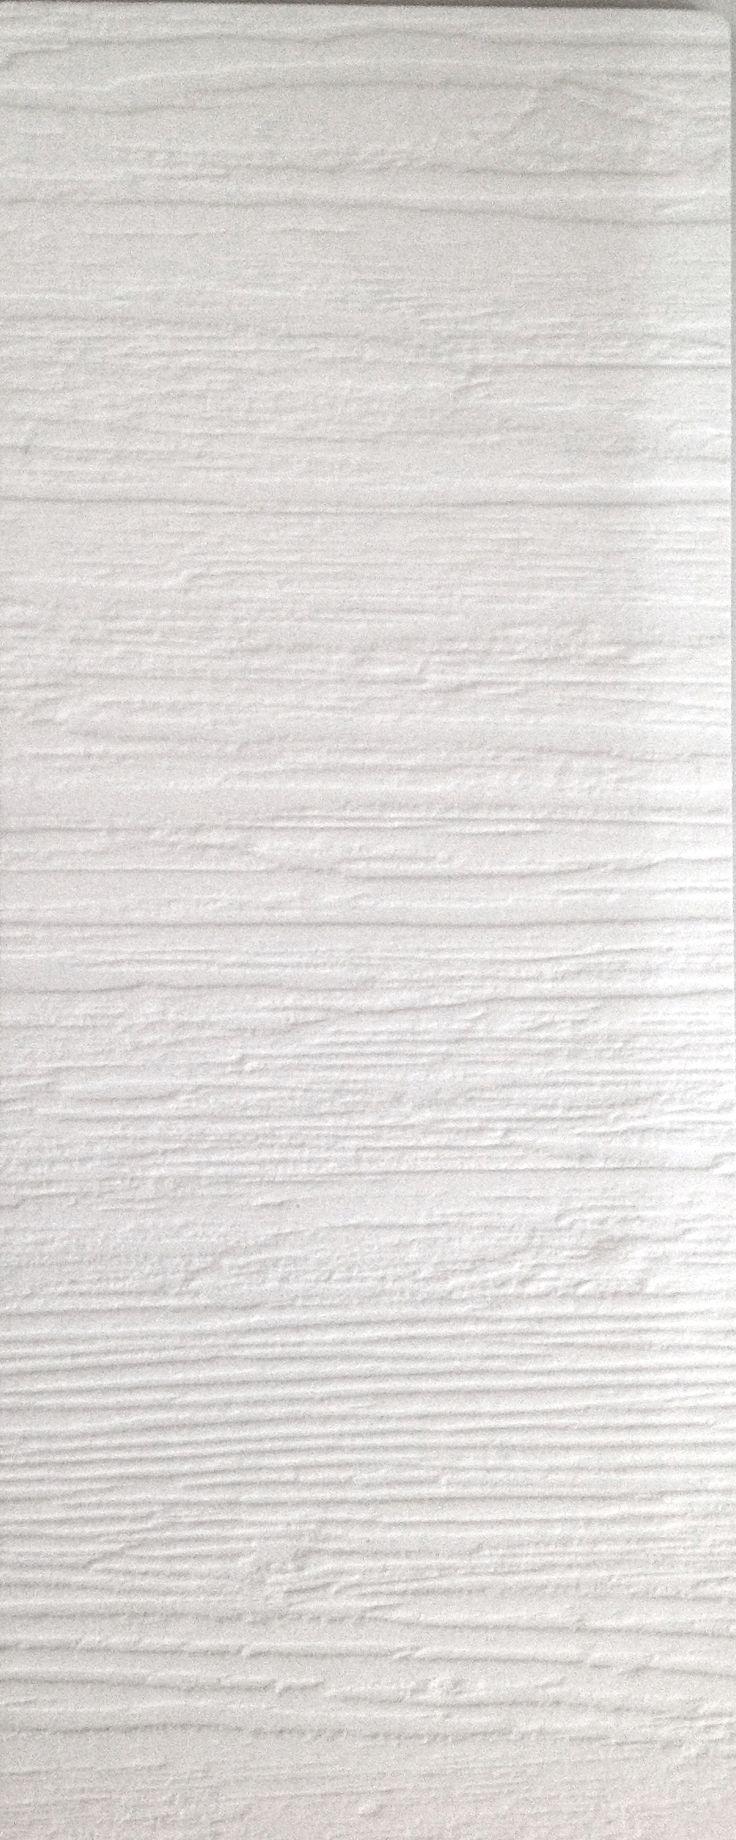 Knotted melamine wood. Flat white Porzellan 570